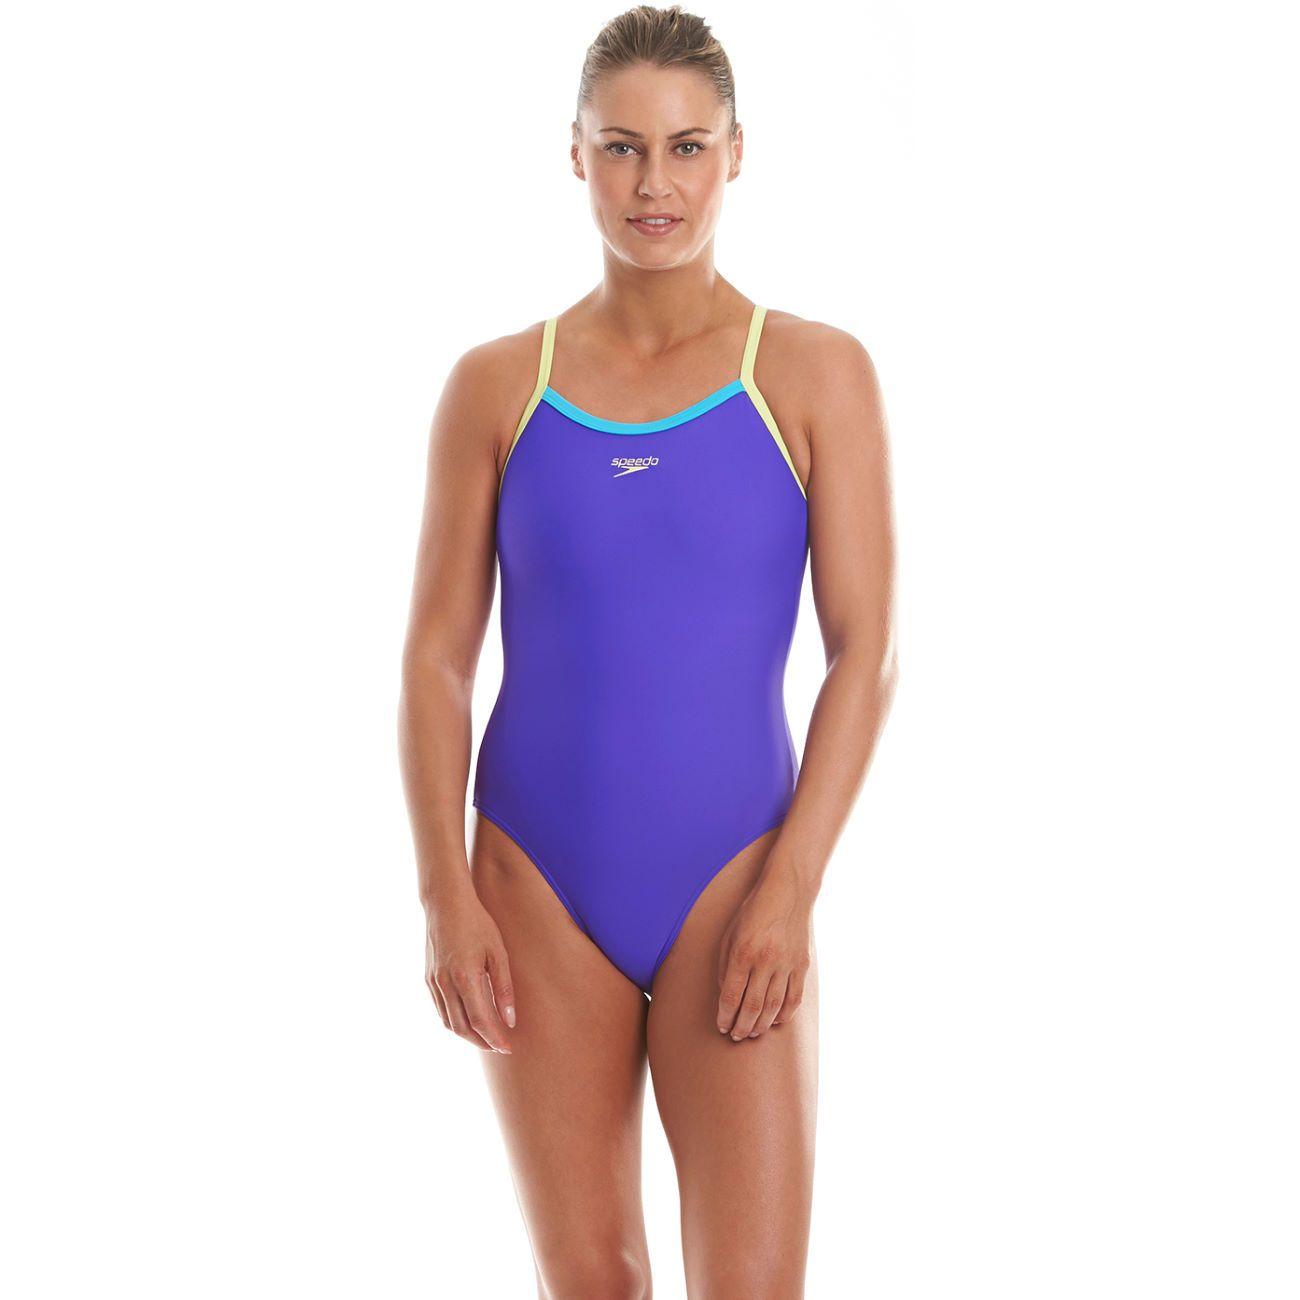 e6e7ea55c1843e Wiggle Netherlands | Speedo Women's Thin Trap Muscle Back Swimsuit SS14  Swimwear Ladies